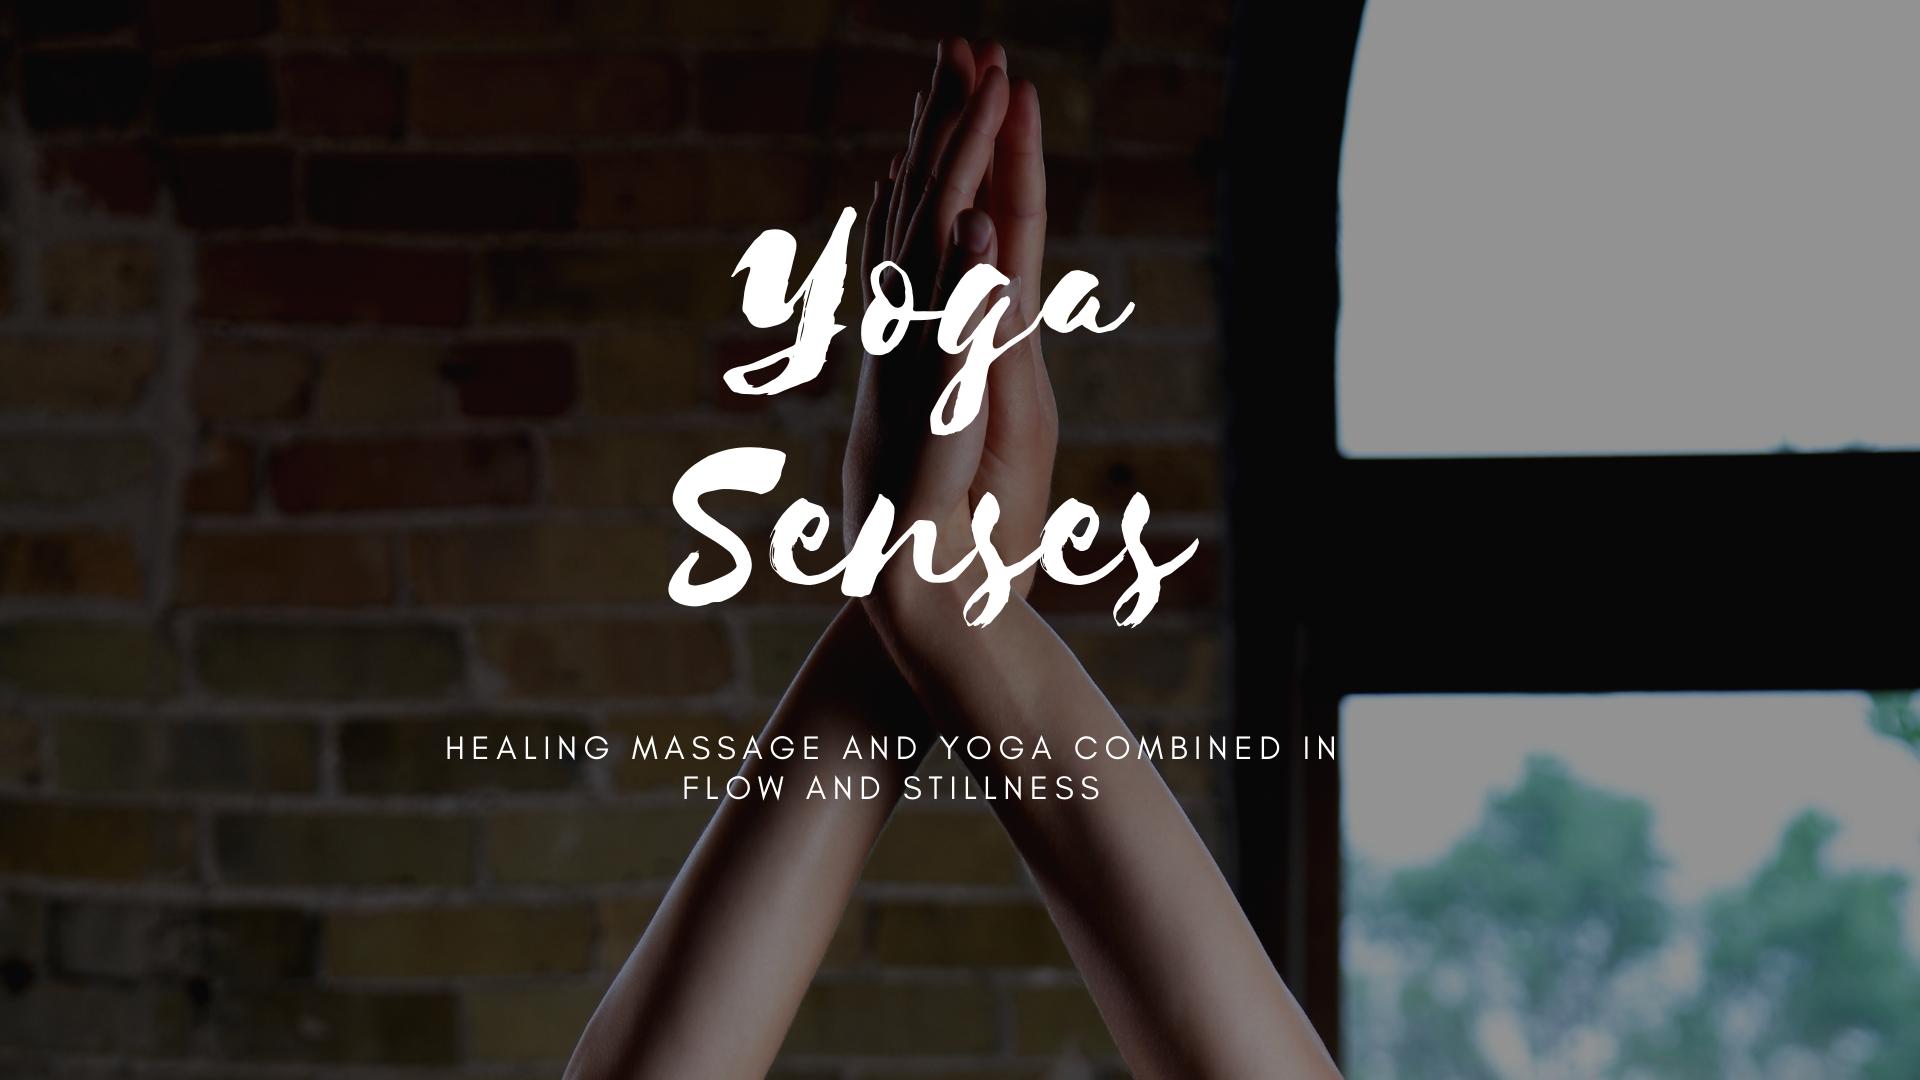 Yoga Senses - Yoga senses - yoga + massage3 nya datum till HT!Sö 15 sep.Lö 23 nov.Lö 14 dec.Kl. 10.00-11.45, 105minYogalärare: Kristin Ellner Massageterapeut: Mikaela HallPris: 450kr per gångUnder den här 105 minuter långa yogaklassen får du uppleva det bästa av två världar; massage, mjuk beröring och yoga. Kristin guidar genom en klass med inslag av meditation, pranayama (andning) och mjuka flöden och rörelser medans Mikaela finns i rummet och ger dig sina helande händer vid flera tillfällen under klassen; en handpåläggning, en stretch eller en kort massage.En klass för dig som älskar beröring och yoga. Balanserande och lugnande oljor/essencer kan ev. användas under klassen.Du behöver ingen tidigare erfarenhet av yoga men du behöver tycka om beröring. En unik upplevelse som balanserar nervsystemet, ger harmoni och balans i kropp och sinne.Healing massage and yoga combined in flow and stillness.A unique experience to heal and restore, layer by layer. From the whispers of your soul, the depth of your breath, the flow of prana in your subtle body, the movement through your muscles, to the gentle touch of your body.A yoga session with an experienced yoga teacher and and a massage therapist with years of helping people with her healing and loving touch.It´s your time to shine and to feel awakened. We welcome you./Mikaela & KristinAnmäl härAnmälan är bindande och avgiften återbetalas ej om du inte kan delta, men det går bra att överlåta platsen till en vän.